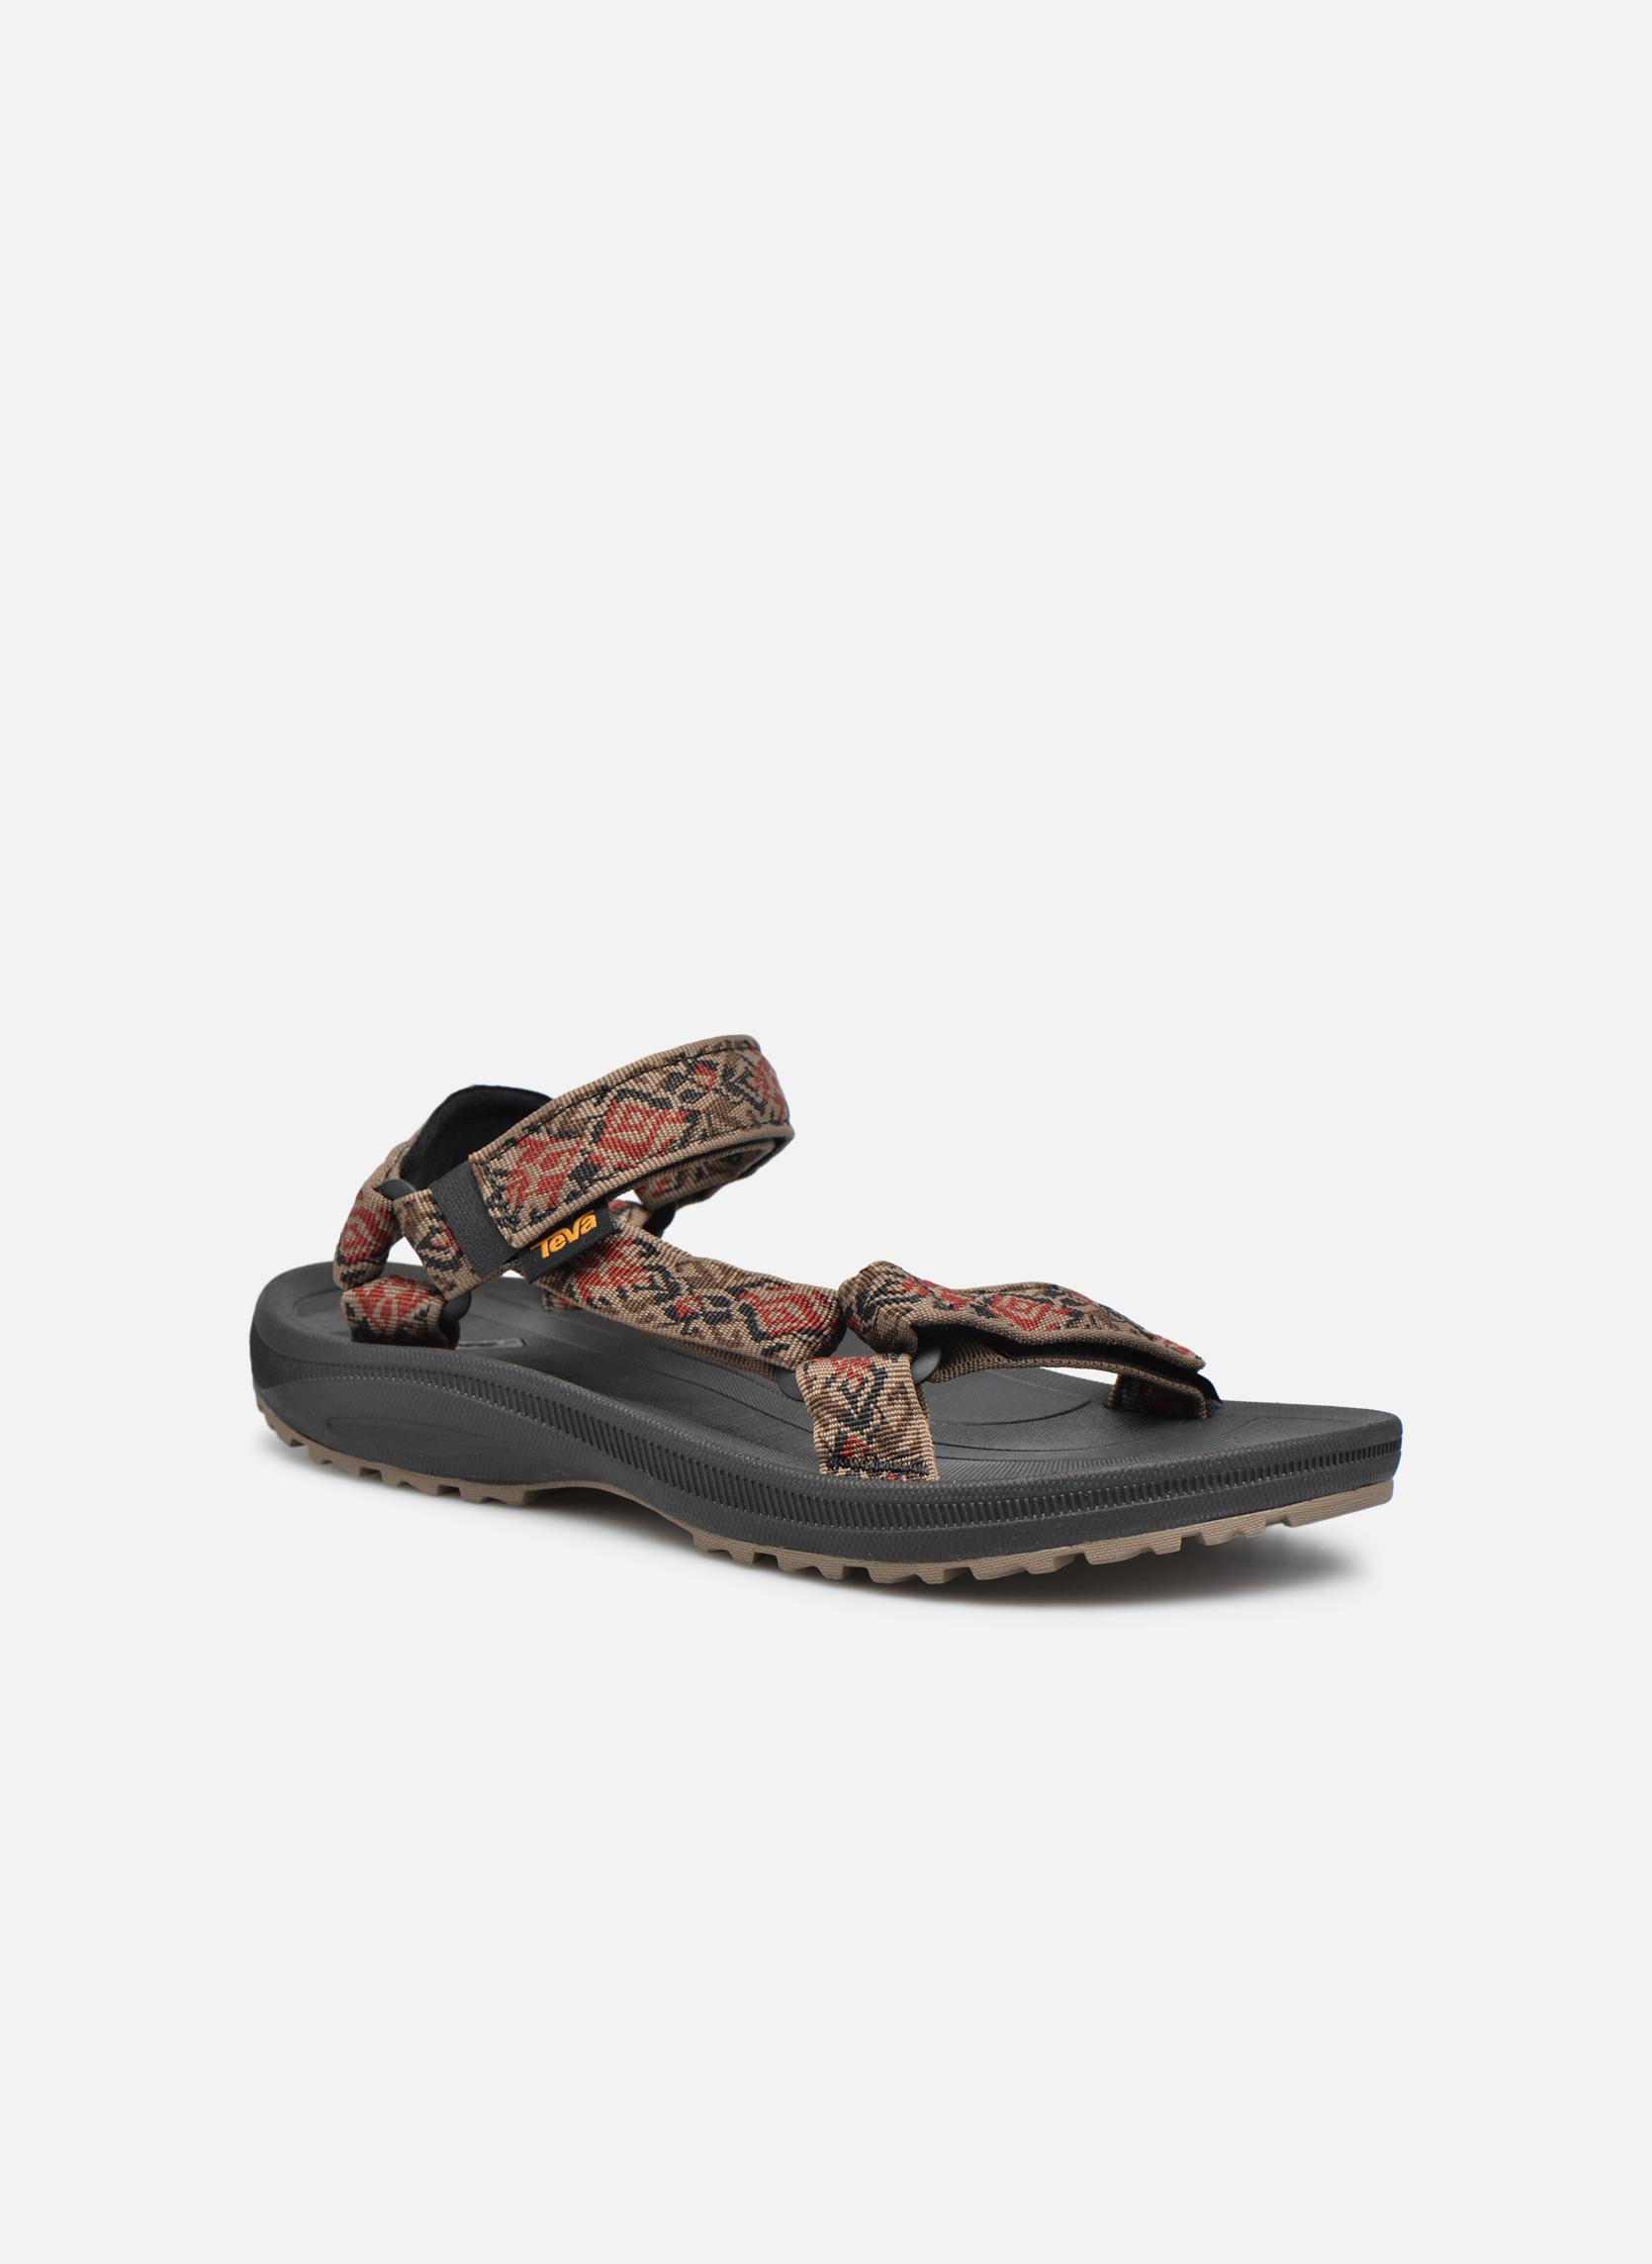 Sandaler Mænd Winsted